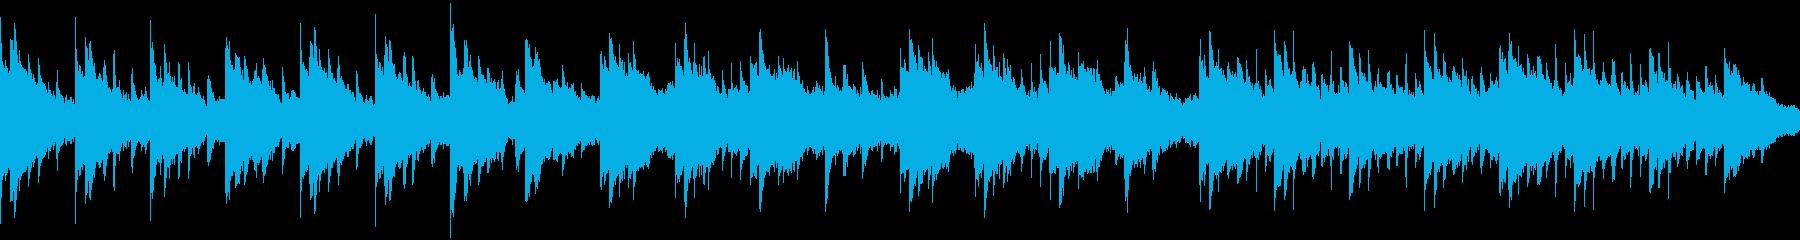 切ない、寂しい感じのピアノBGMの再生済みの波形